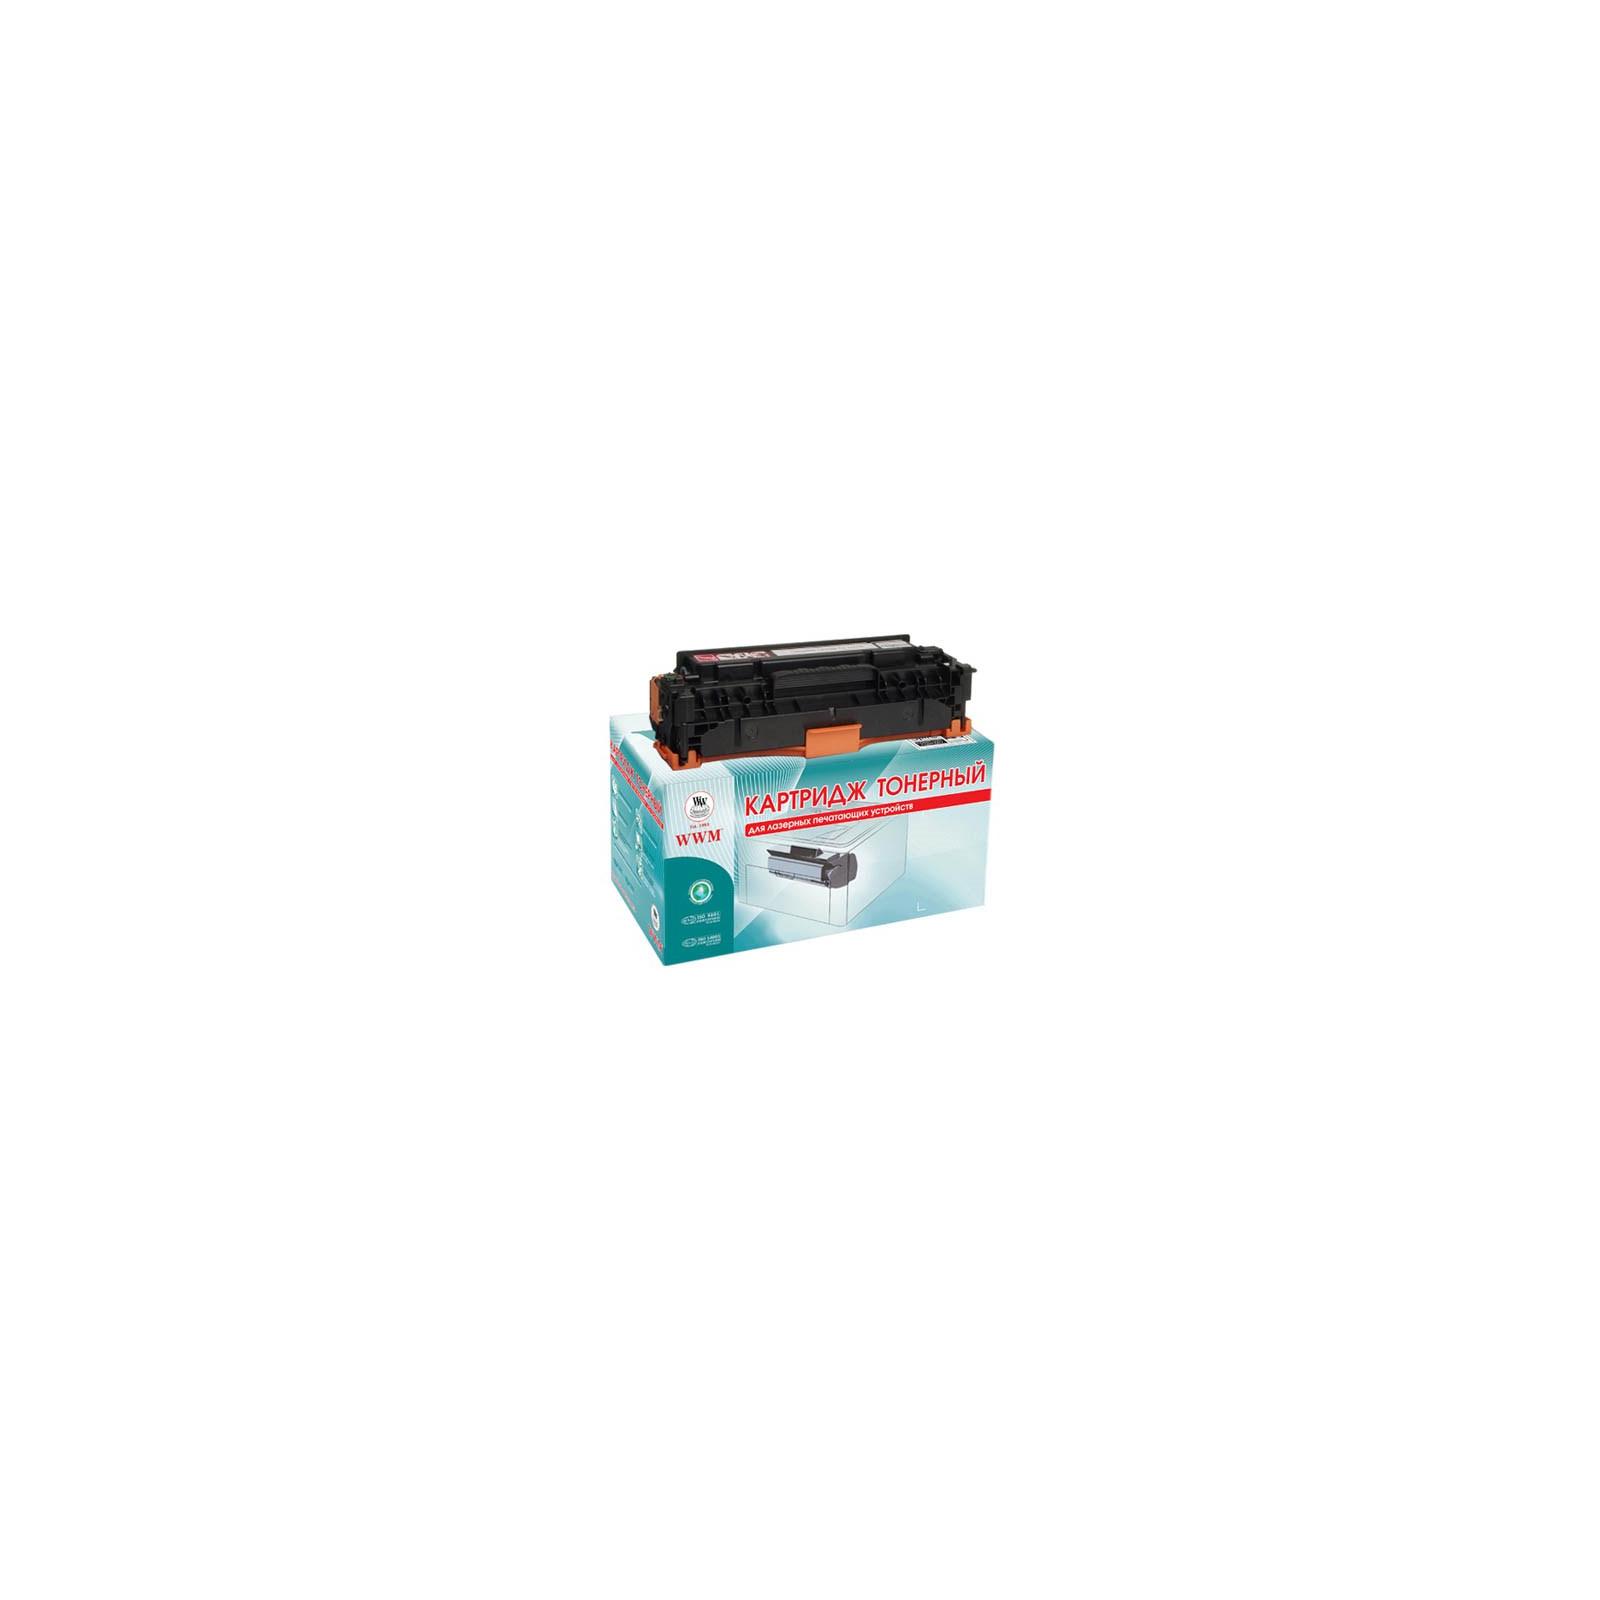 Картридж WWM для HP CLJ CP2025/CM2320 Magenta (LC41MN)